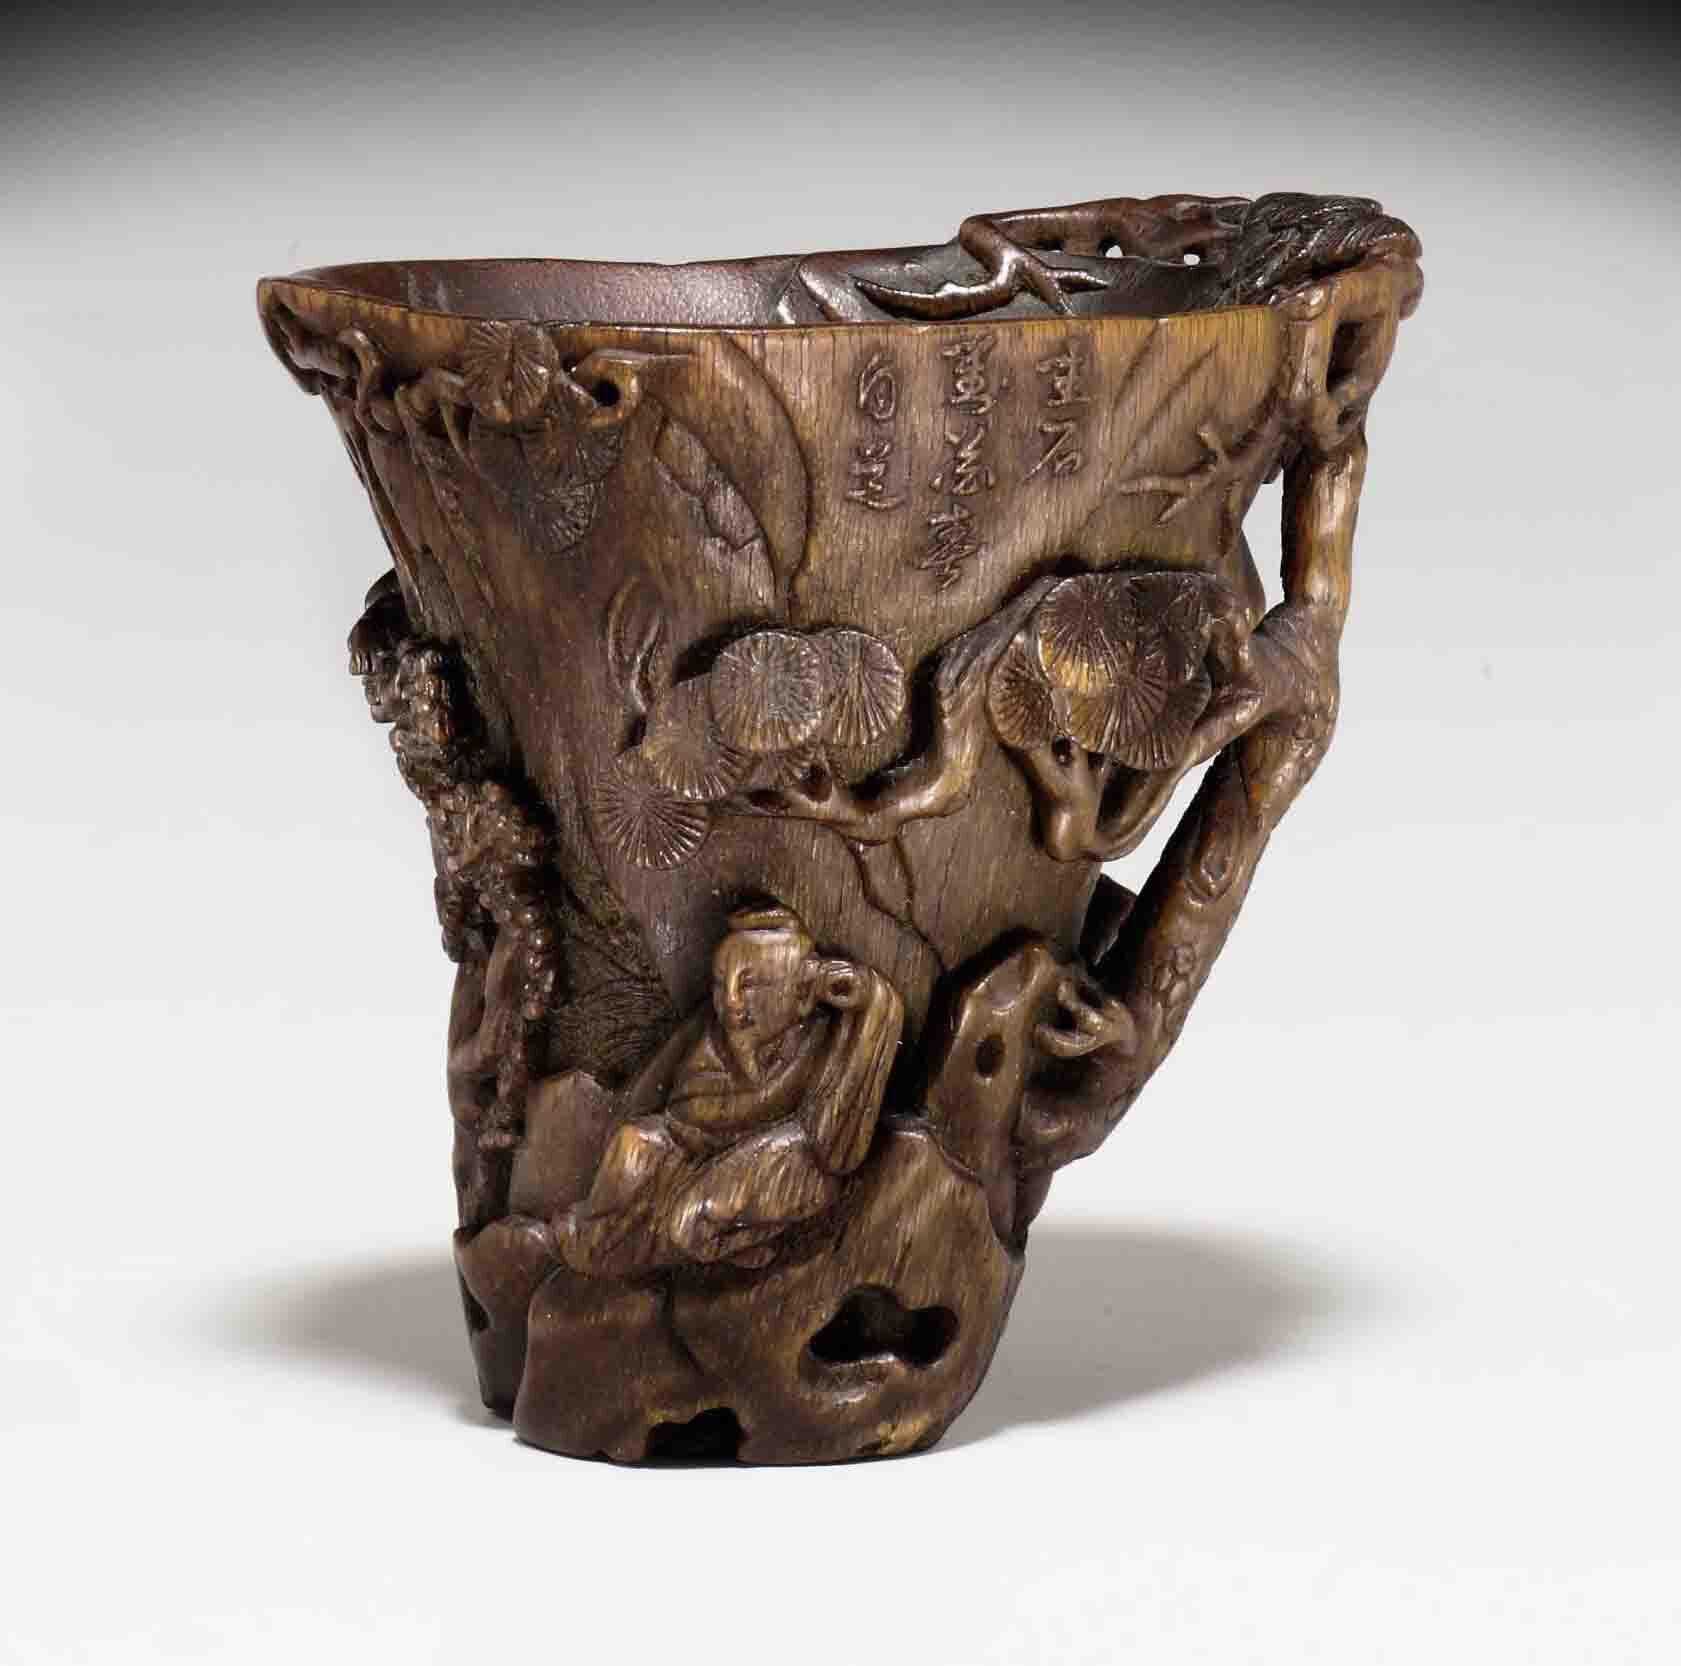 An unusual rhinoceros horn cup, 17th-18th century